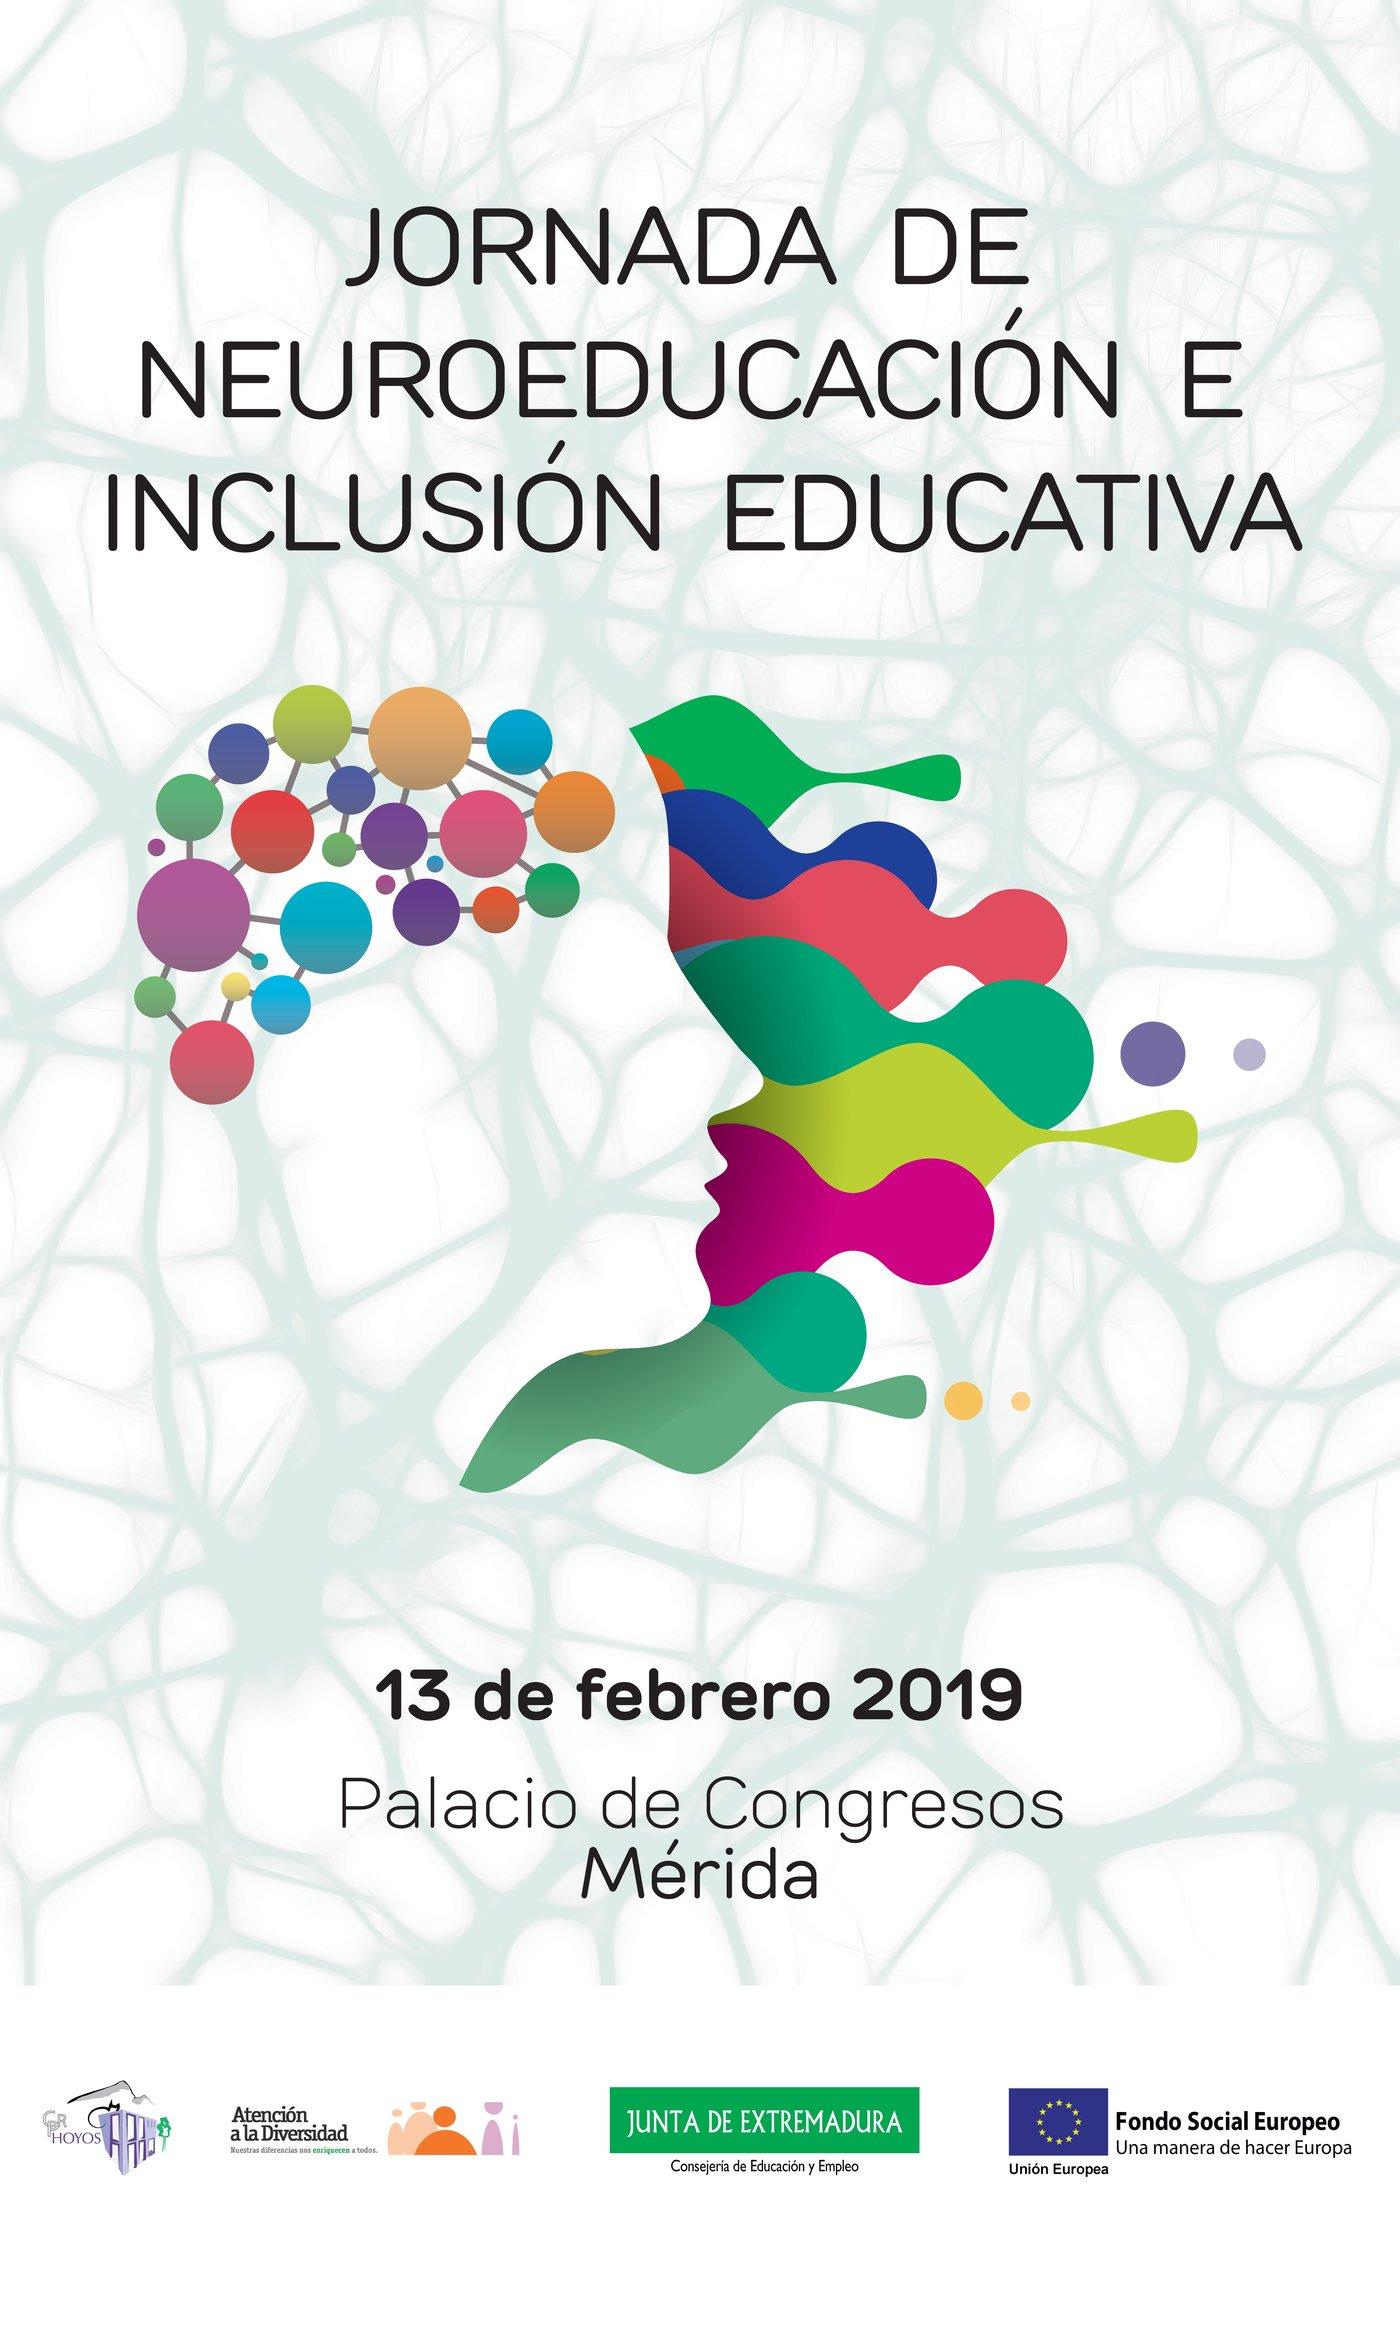 http://lagaceta.educarex.es/cont/imagenes/2019-02/ACTUALIDAD_Joranda_Neurociencia.jpg